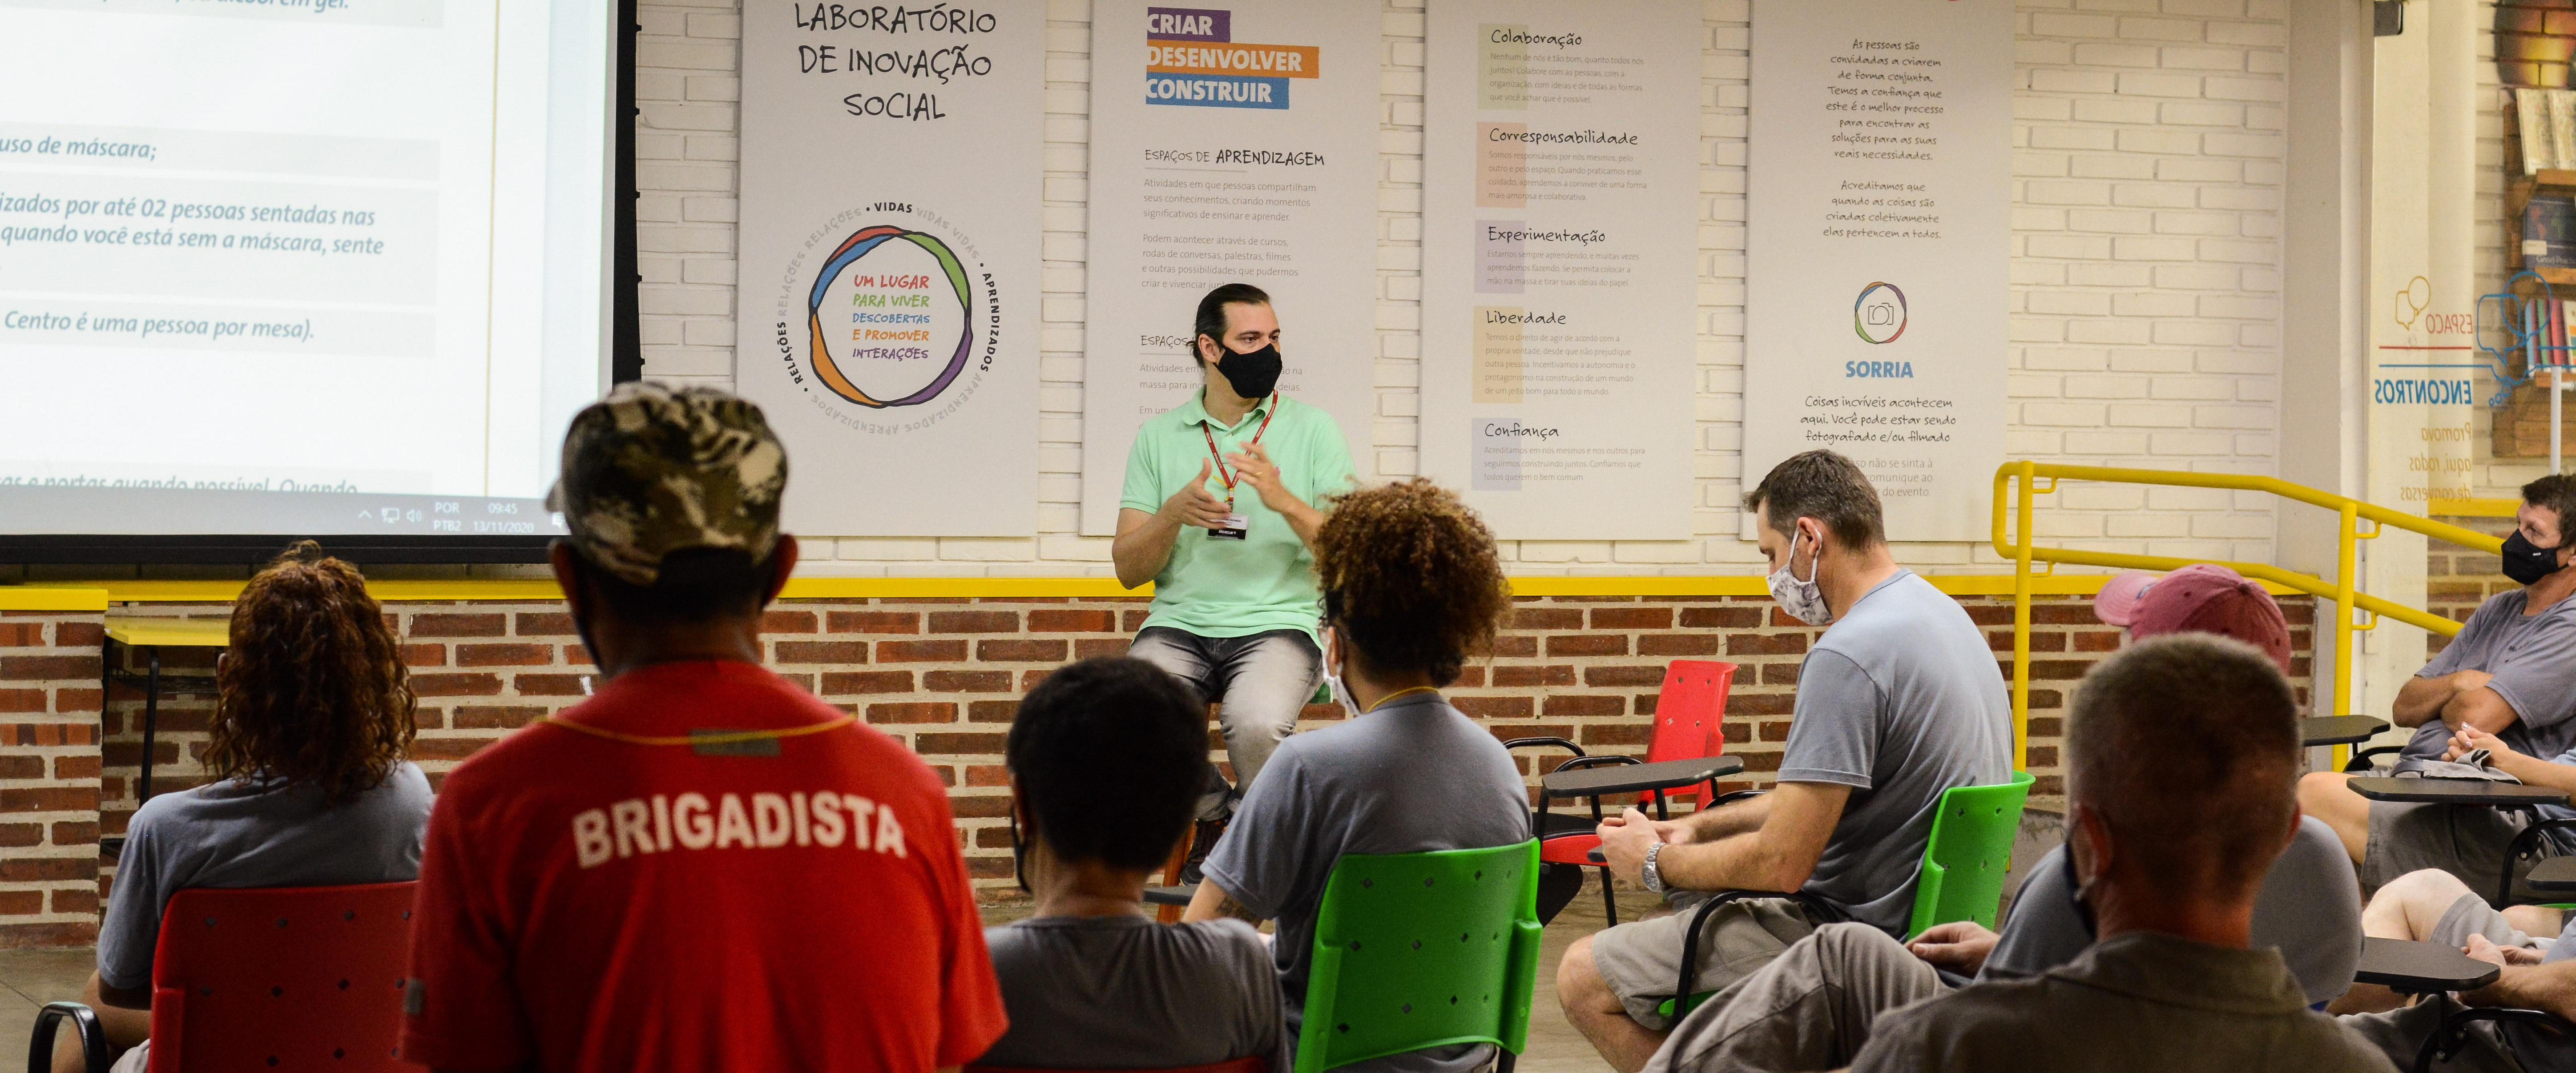 Talentos Humanos: Mercur coloca as pessoas no centro com gestão humanizada e cocriação